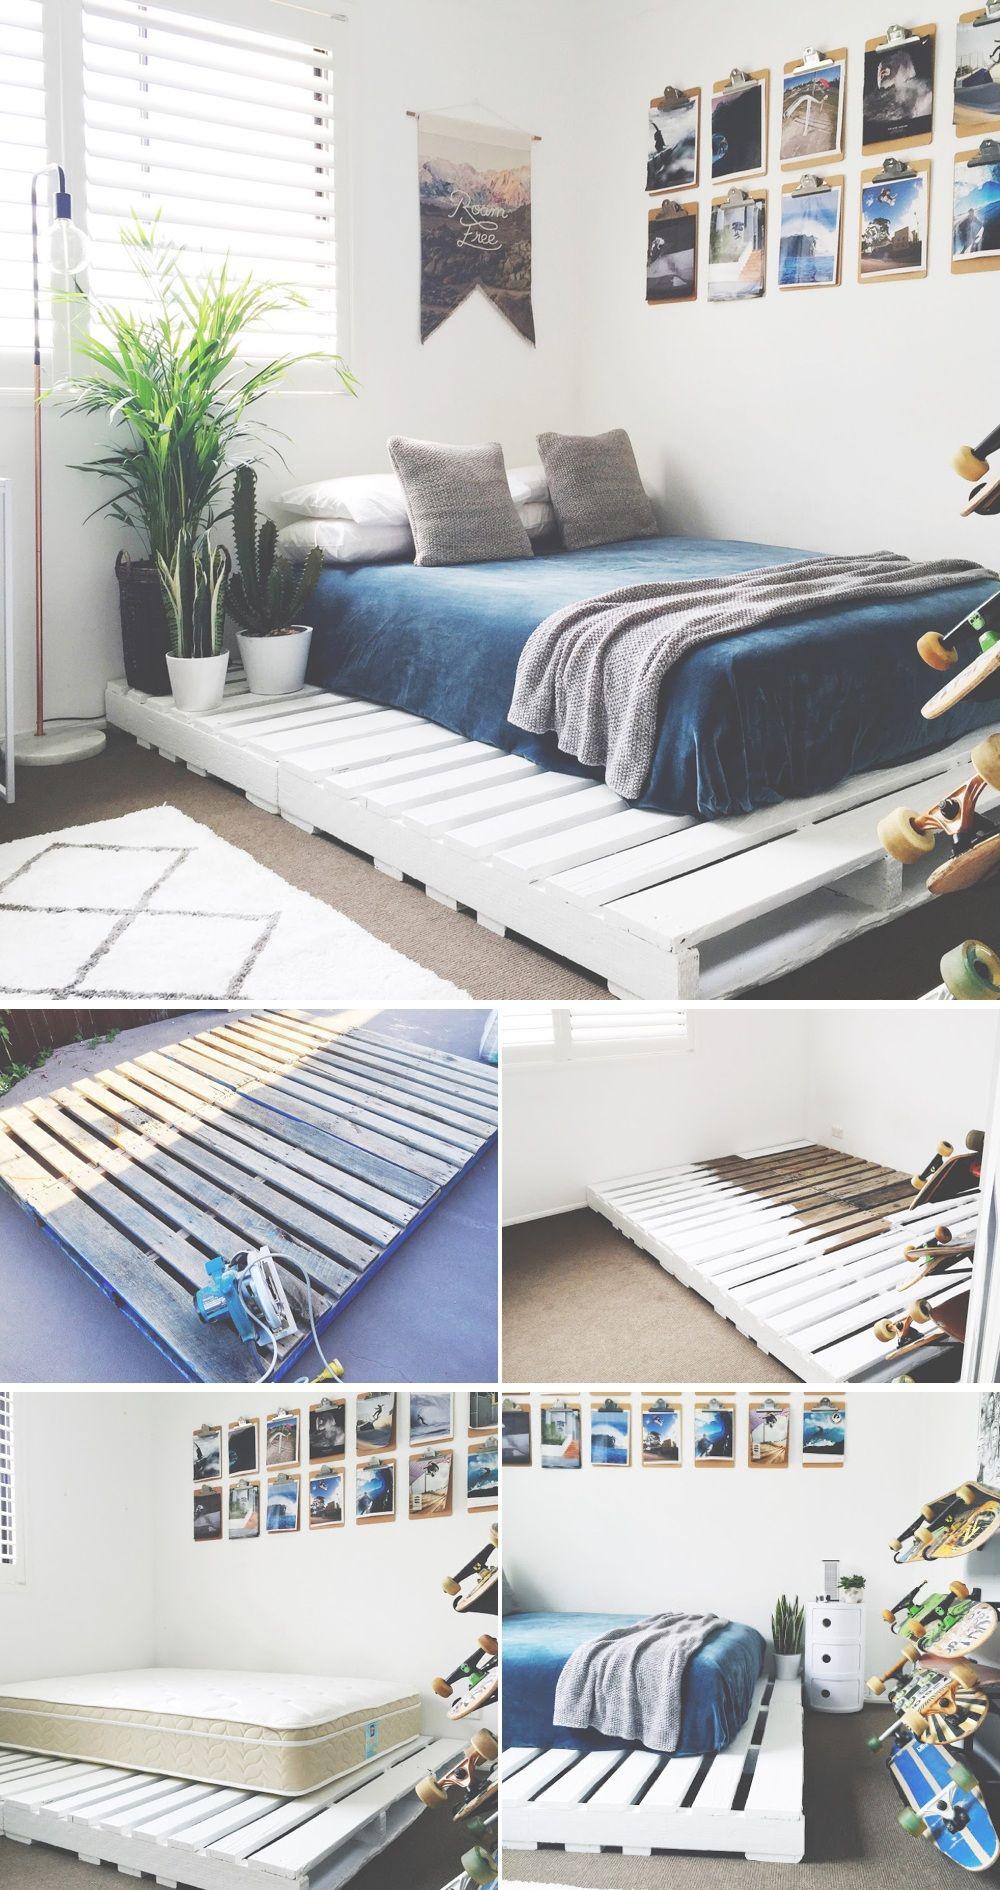 DIY pallet bed 15 diy bed frames pallet wood bed frame, gỗ pallet, pallet room, pallet UTNDZMB